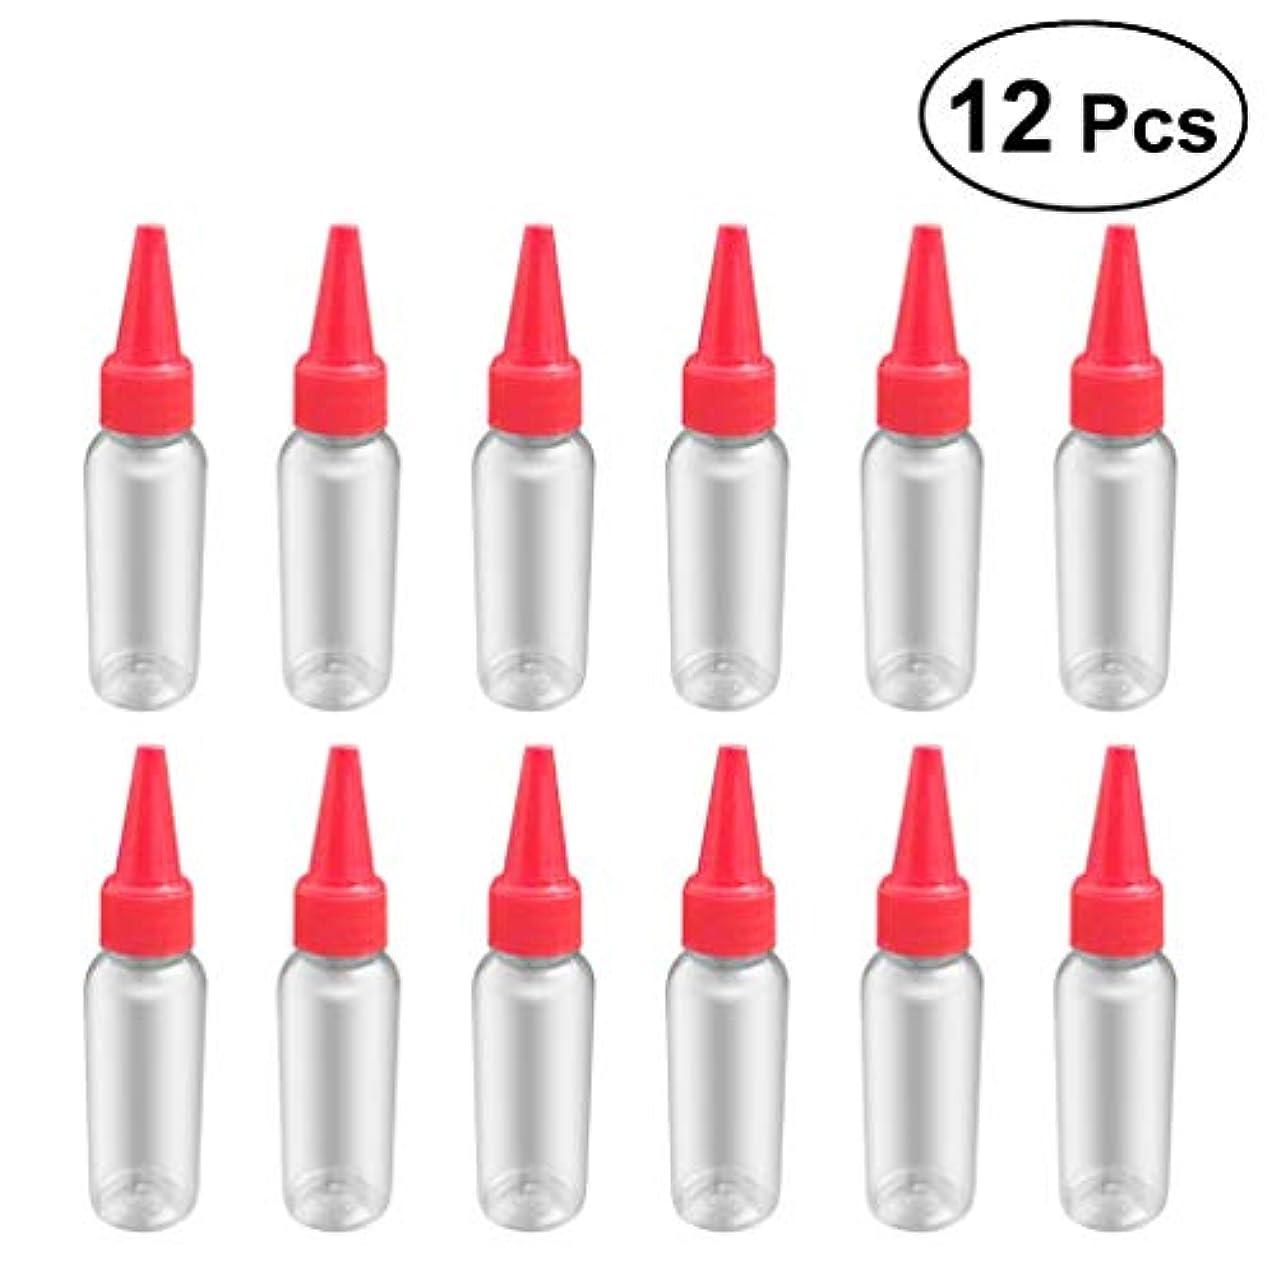 満足できる下着円周SUPVOX 12ピース プラスチック アプリケーターボトル スクイズフロー デザイン チップキャップ 空ボトル 用液体 オイルグルー ディスペンサー ヘアカラー 40ml(赤)